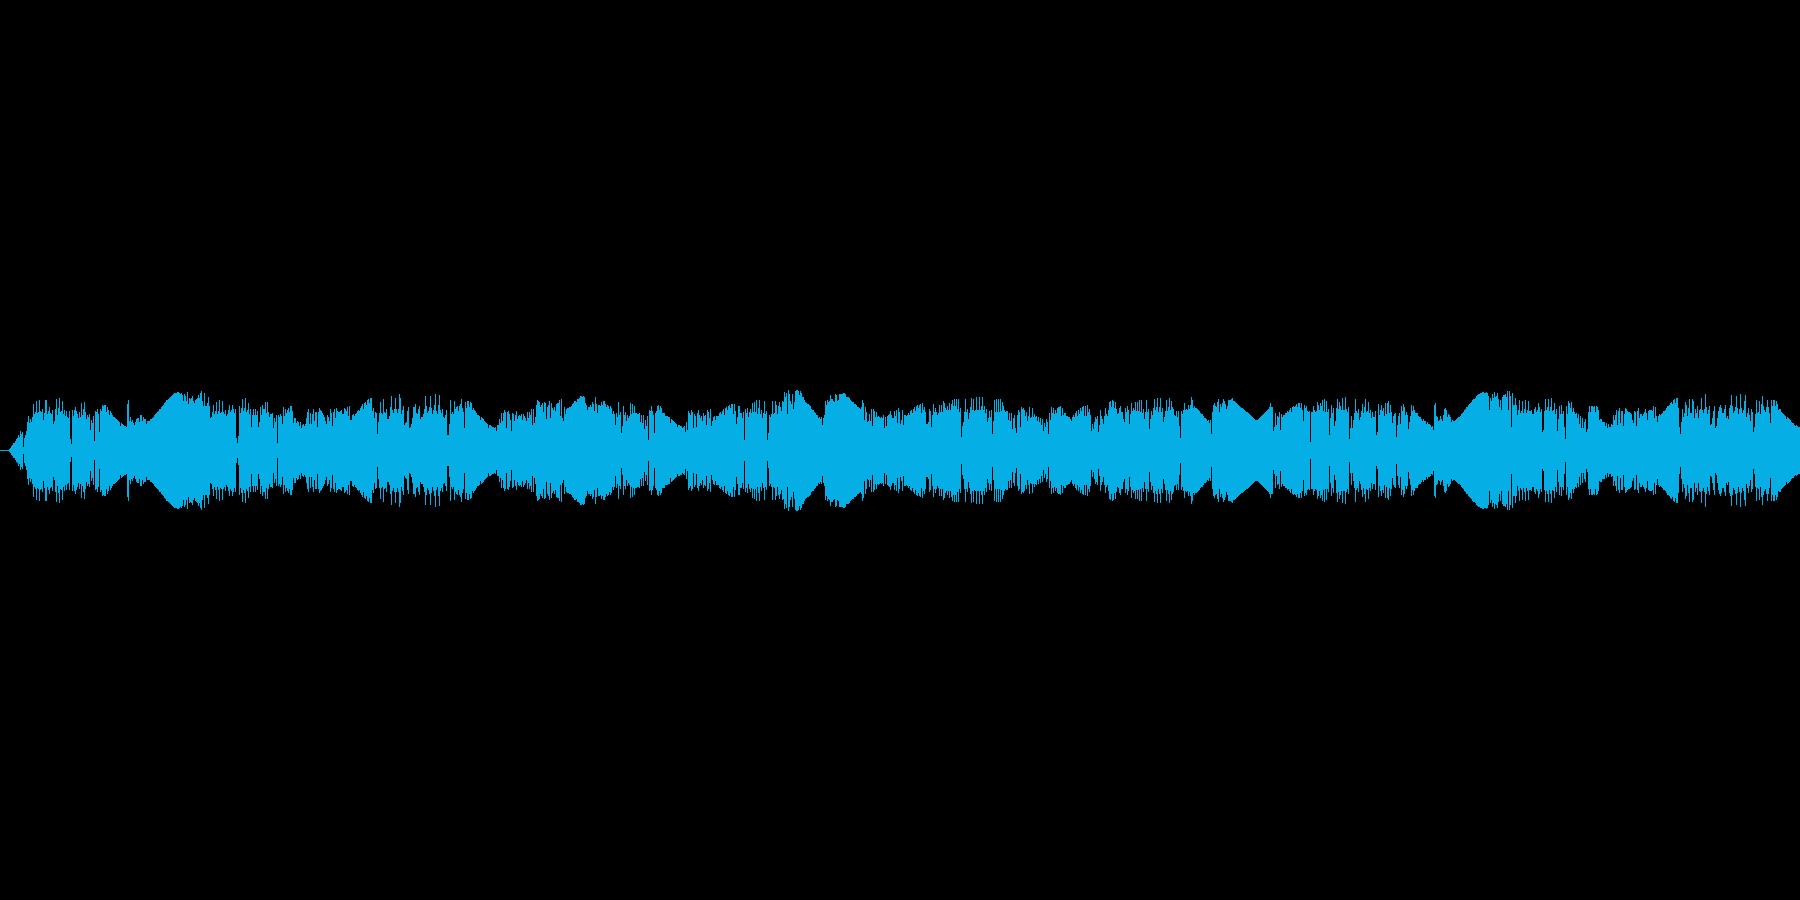 宇宙人が喋っているような電子音ですピロ2の再生済みの波形